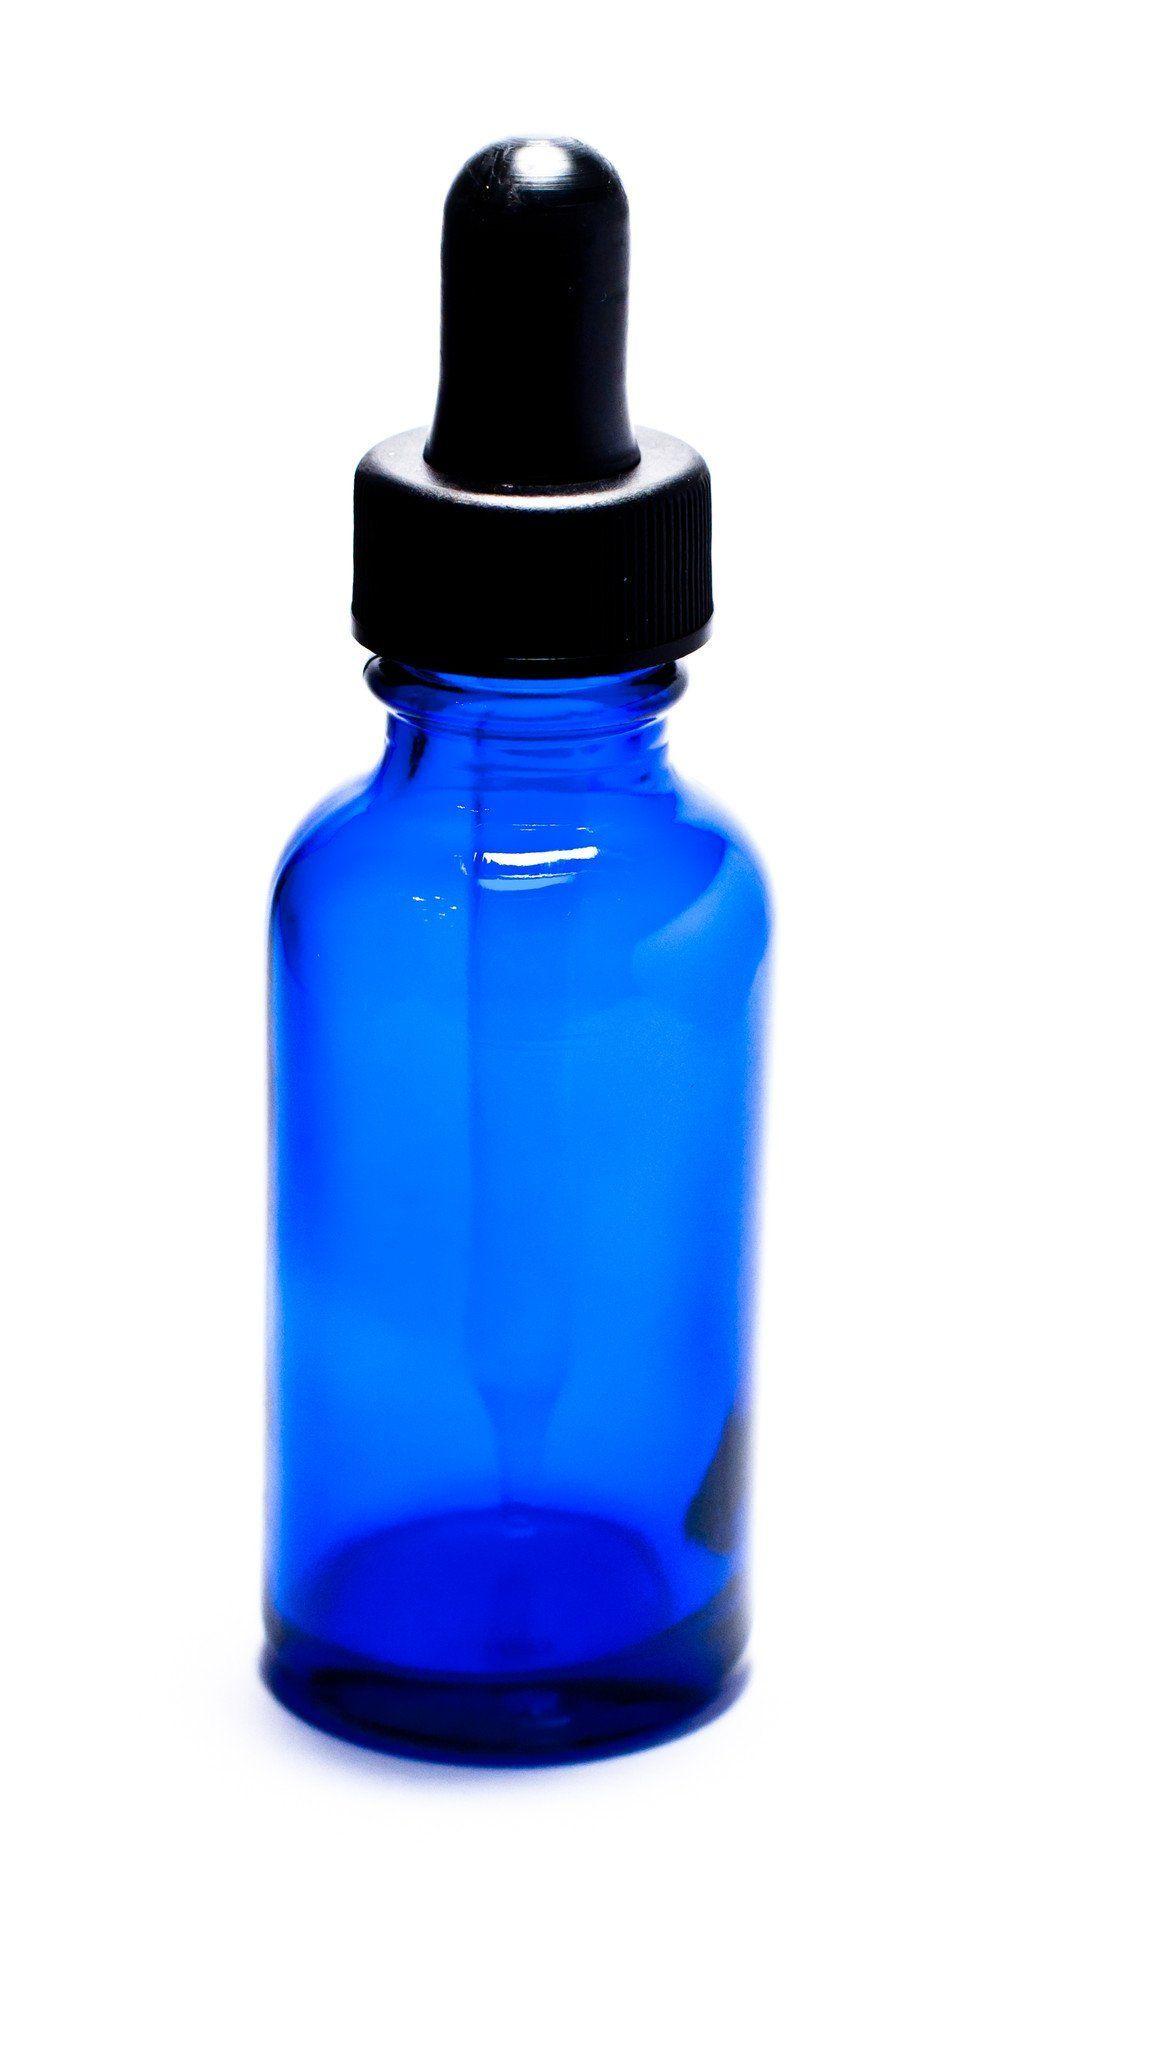 1 Oz Blue Glass Bottle W Dropper Blue Glass Bottles Bottle Glass Spray Bottle